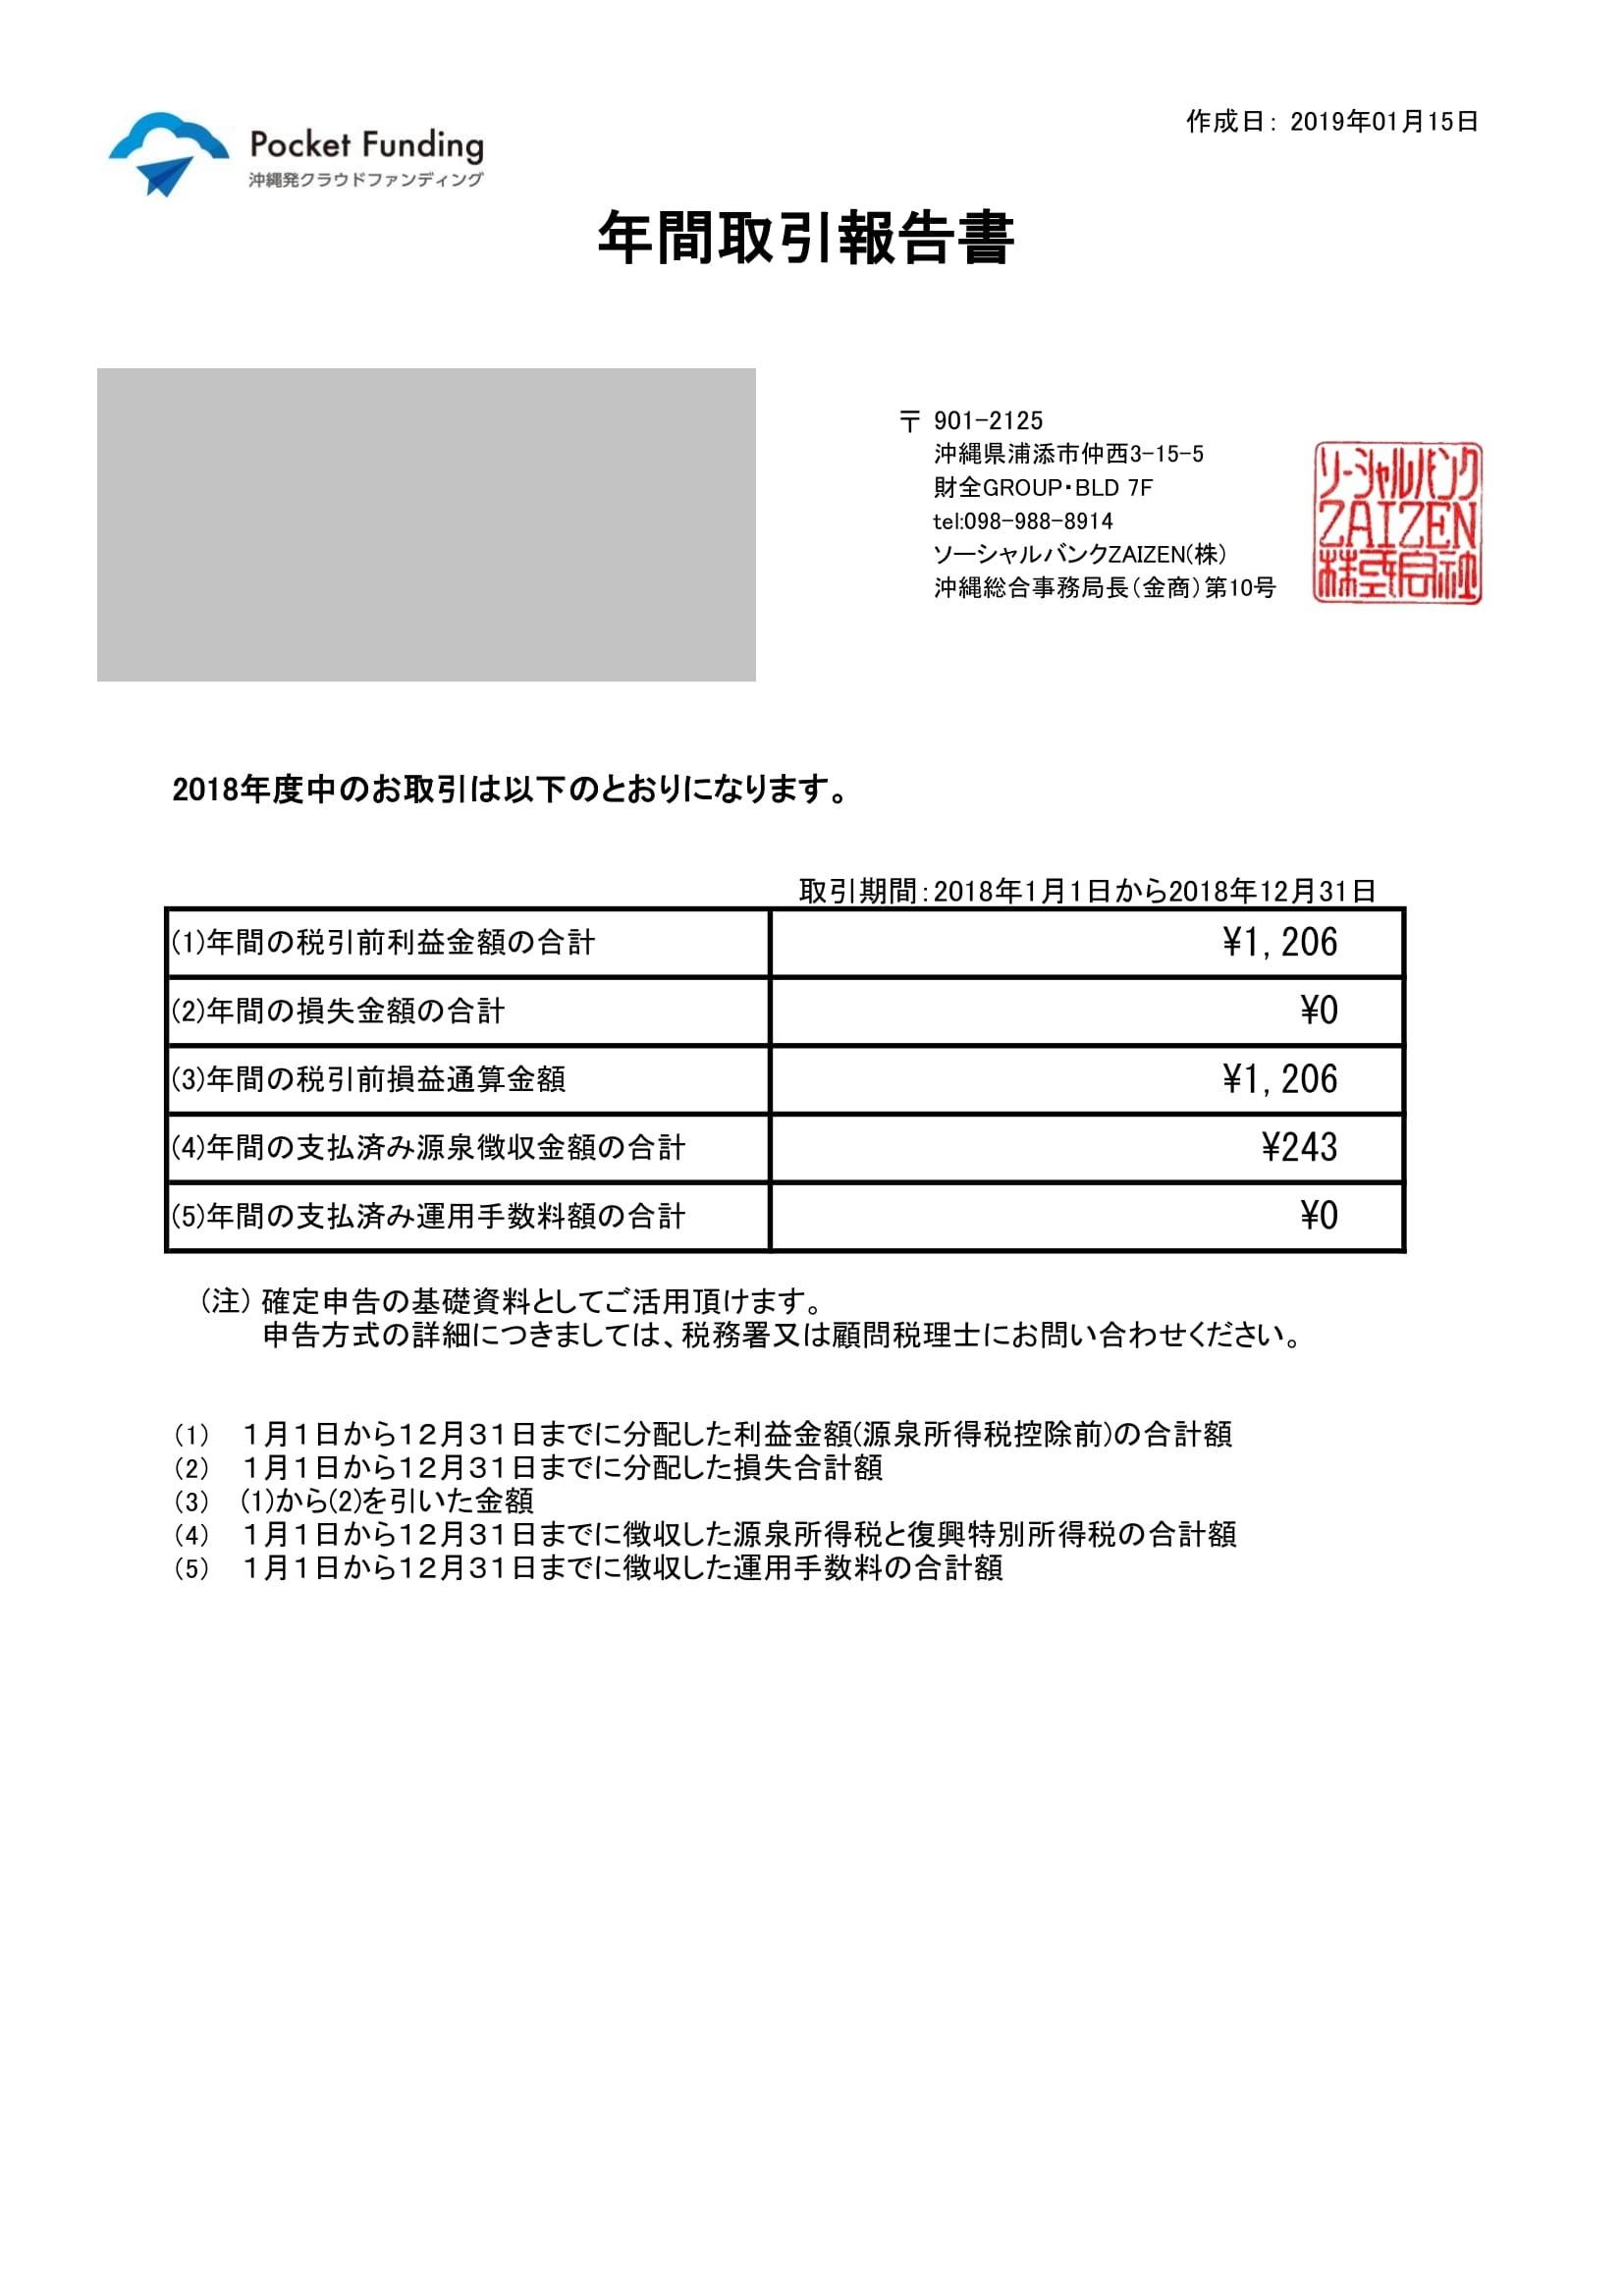 ポケットファンディング2018年度年間取引報告書-1